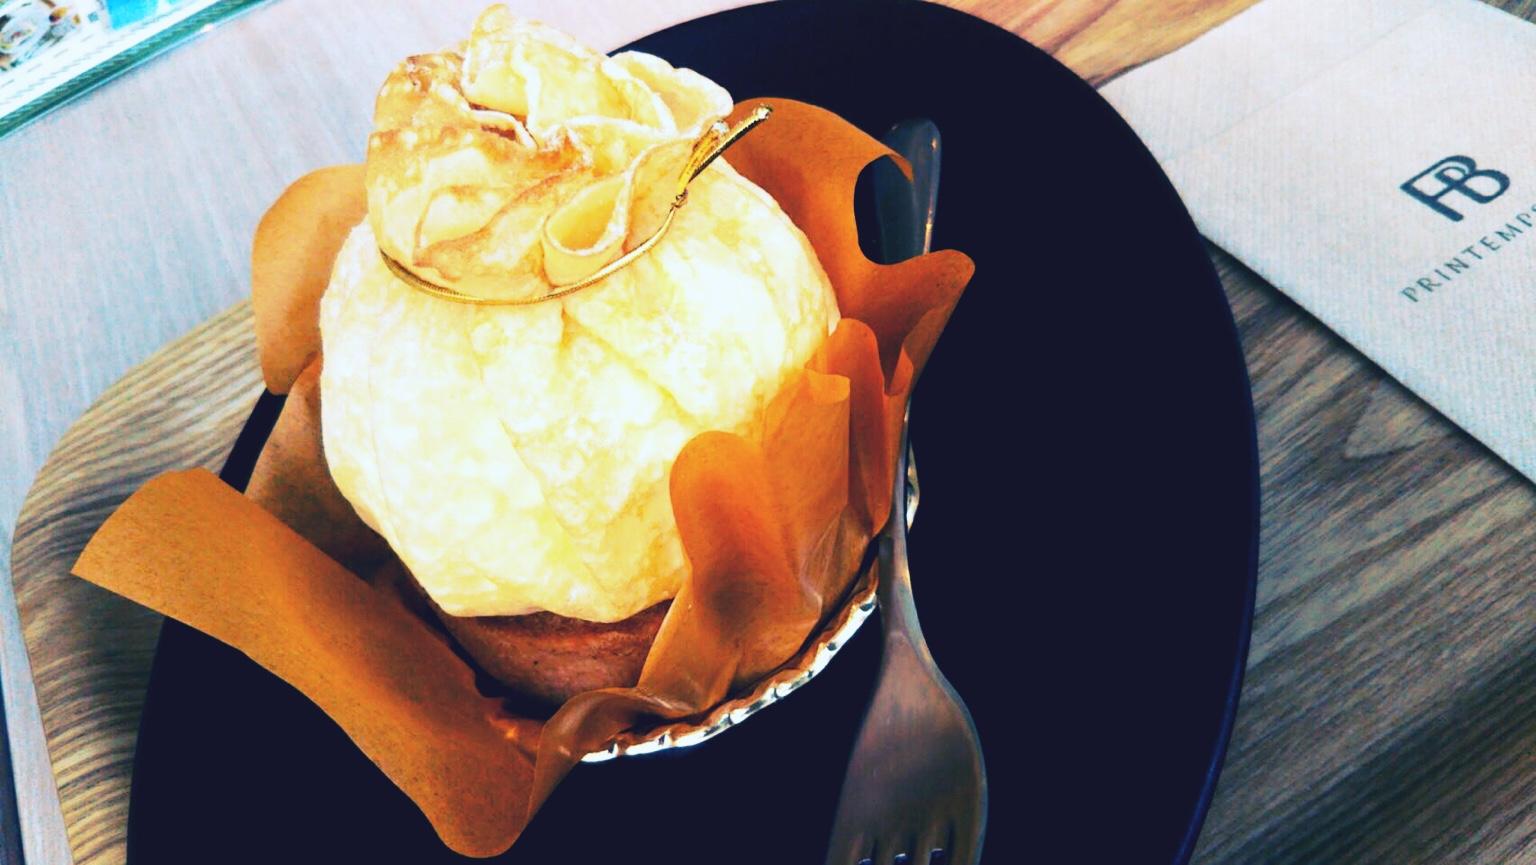 プランタンブランでカフェランチ!ケーキも可愛いくておすすめ